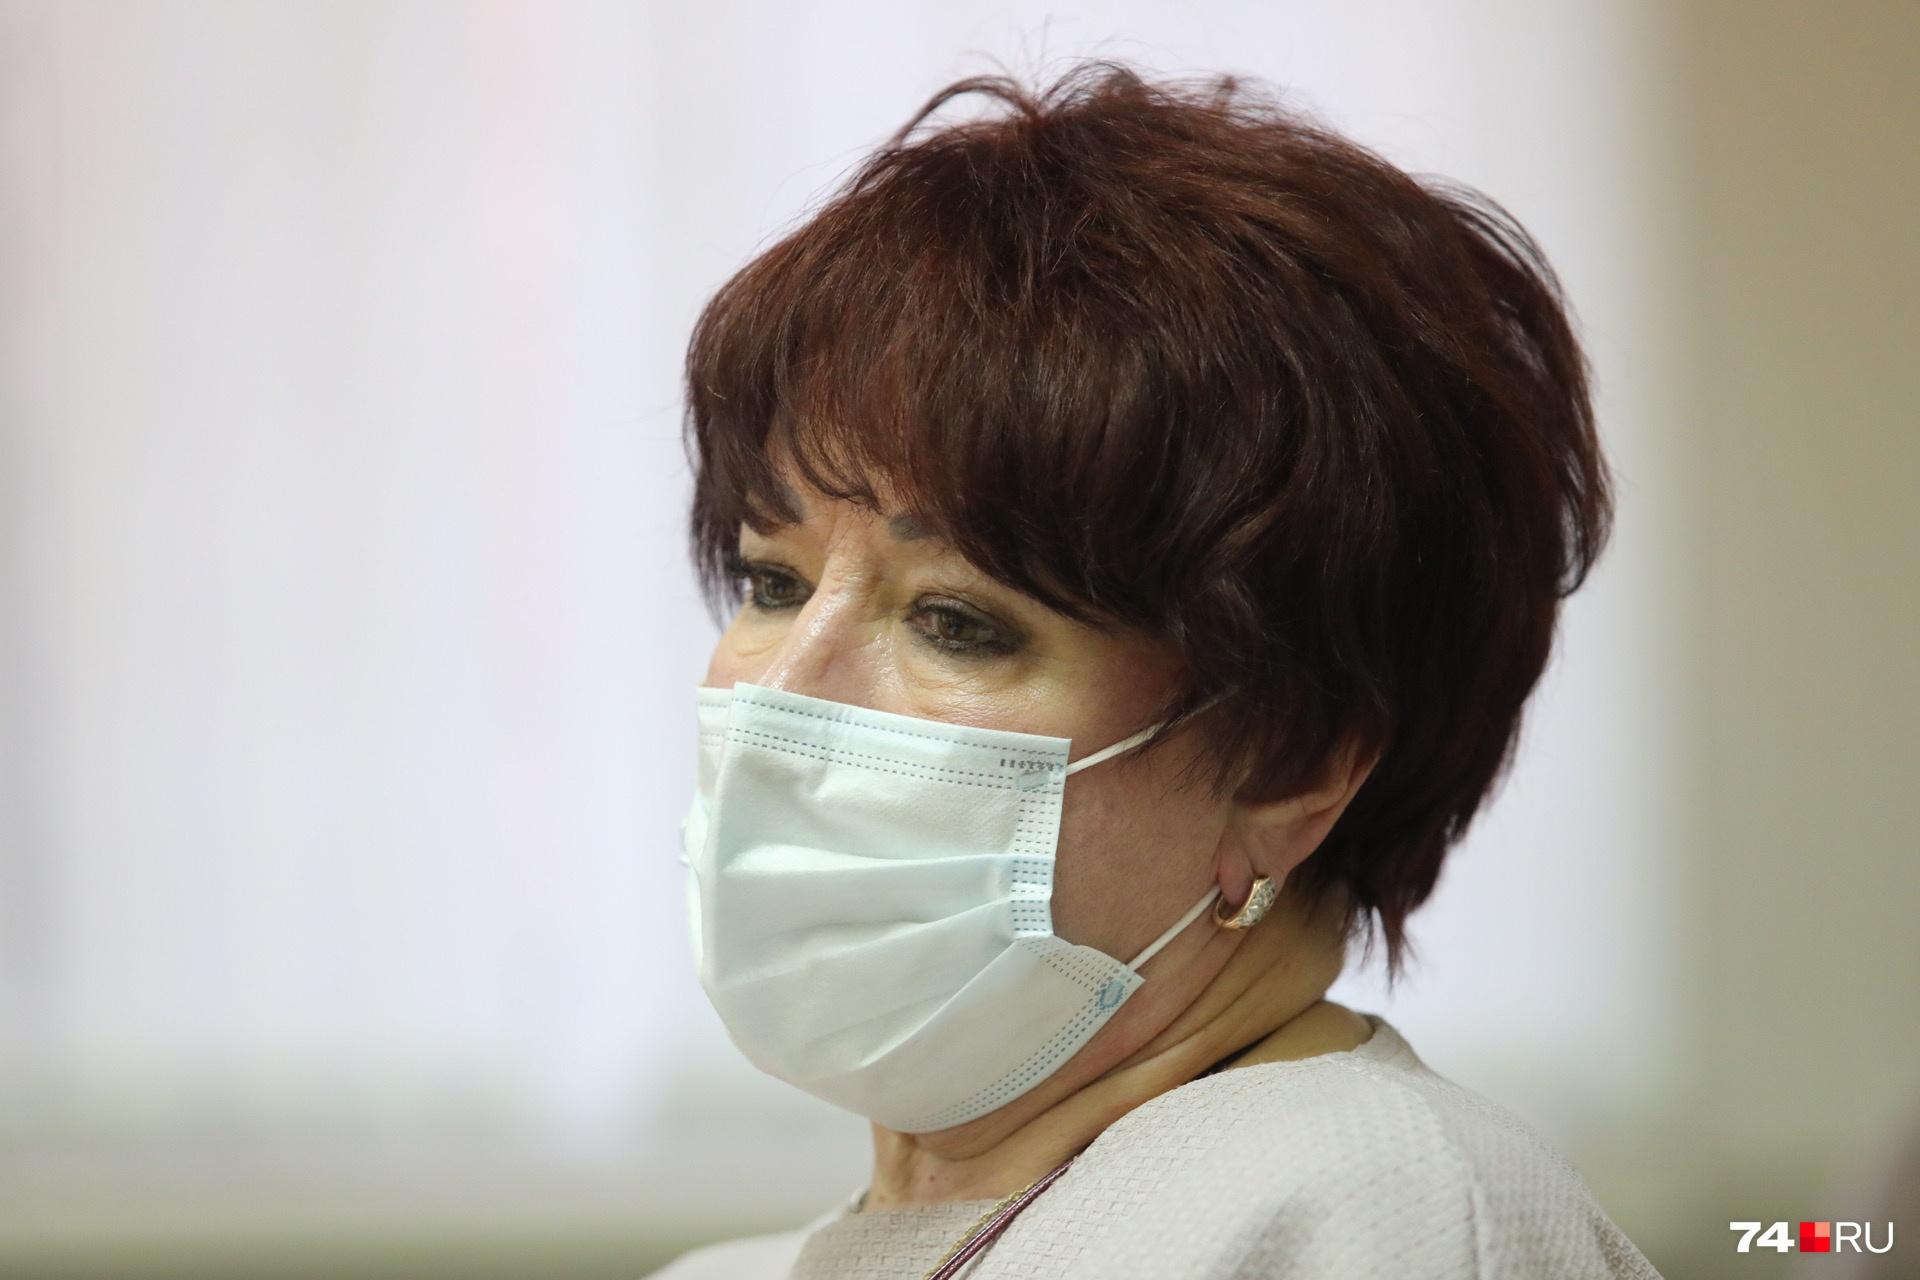 Людмила Антонова раскритиковала заключение эксперта, заказанное в Кургане защитой бизнесмена. По ее мнению, там есть надуманные факты